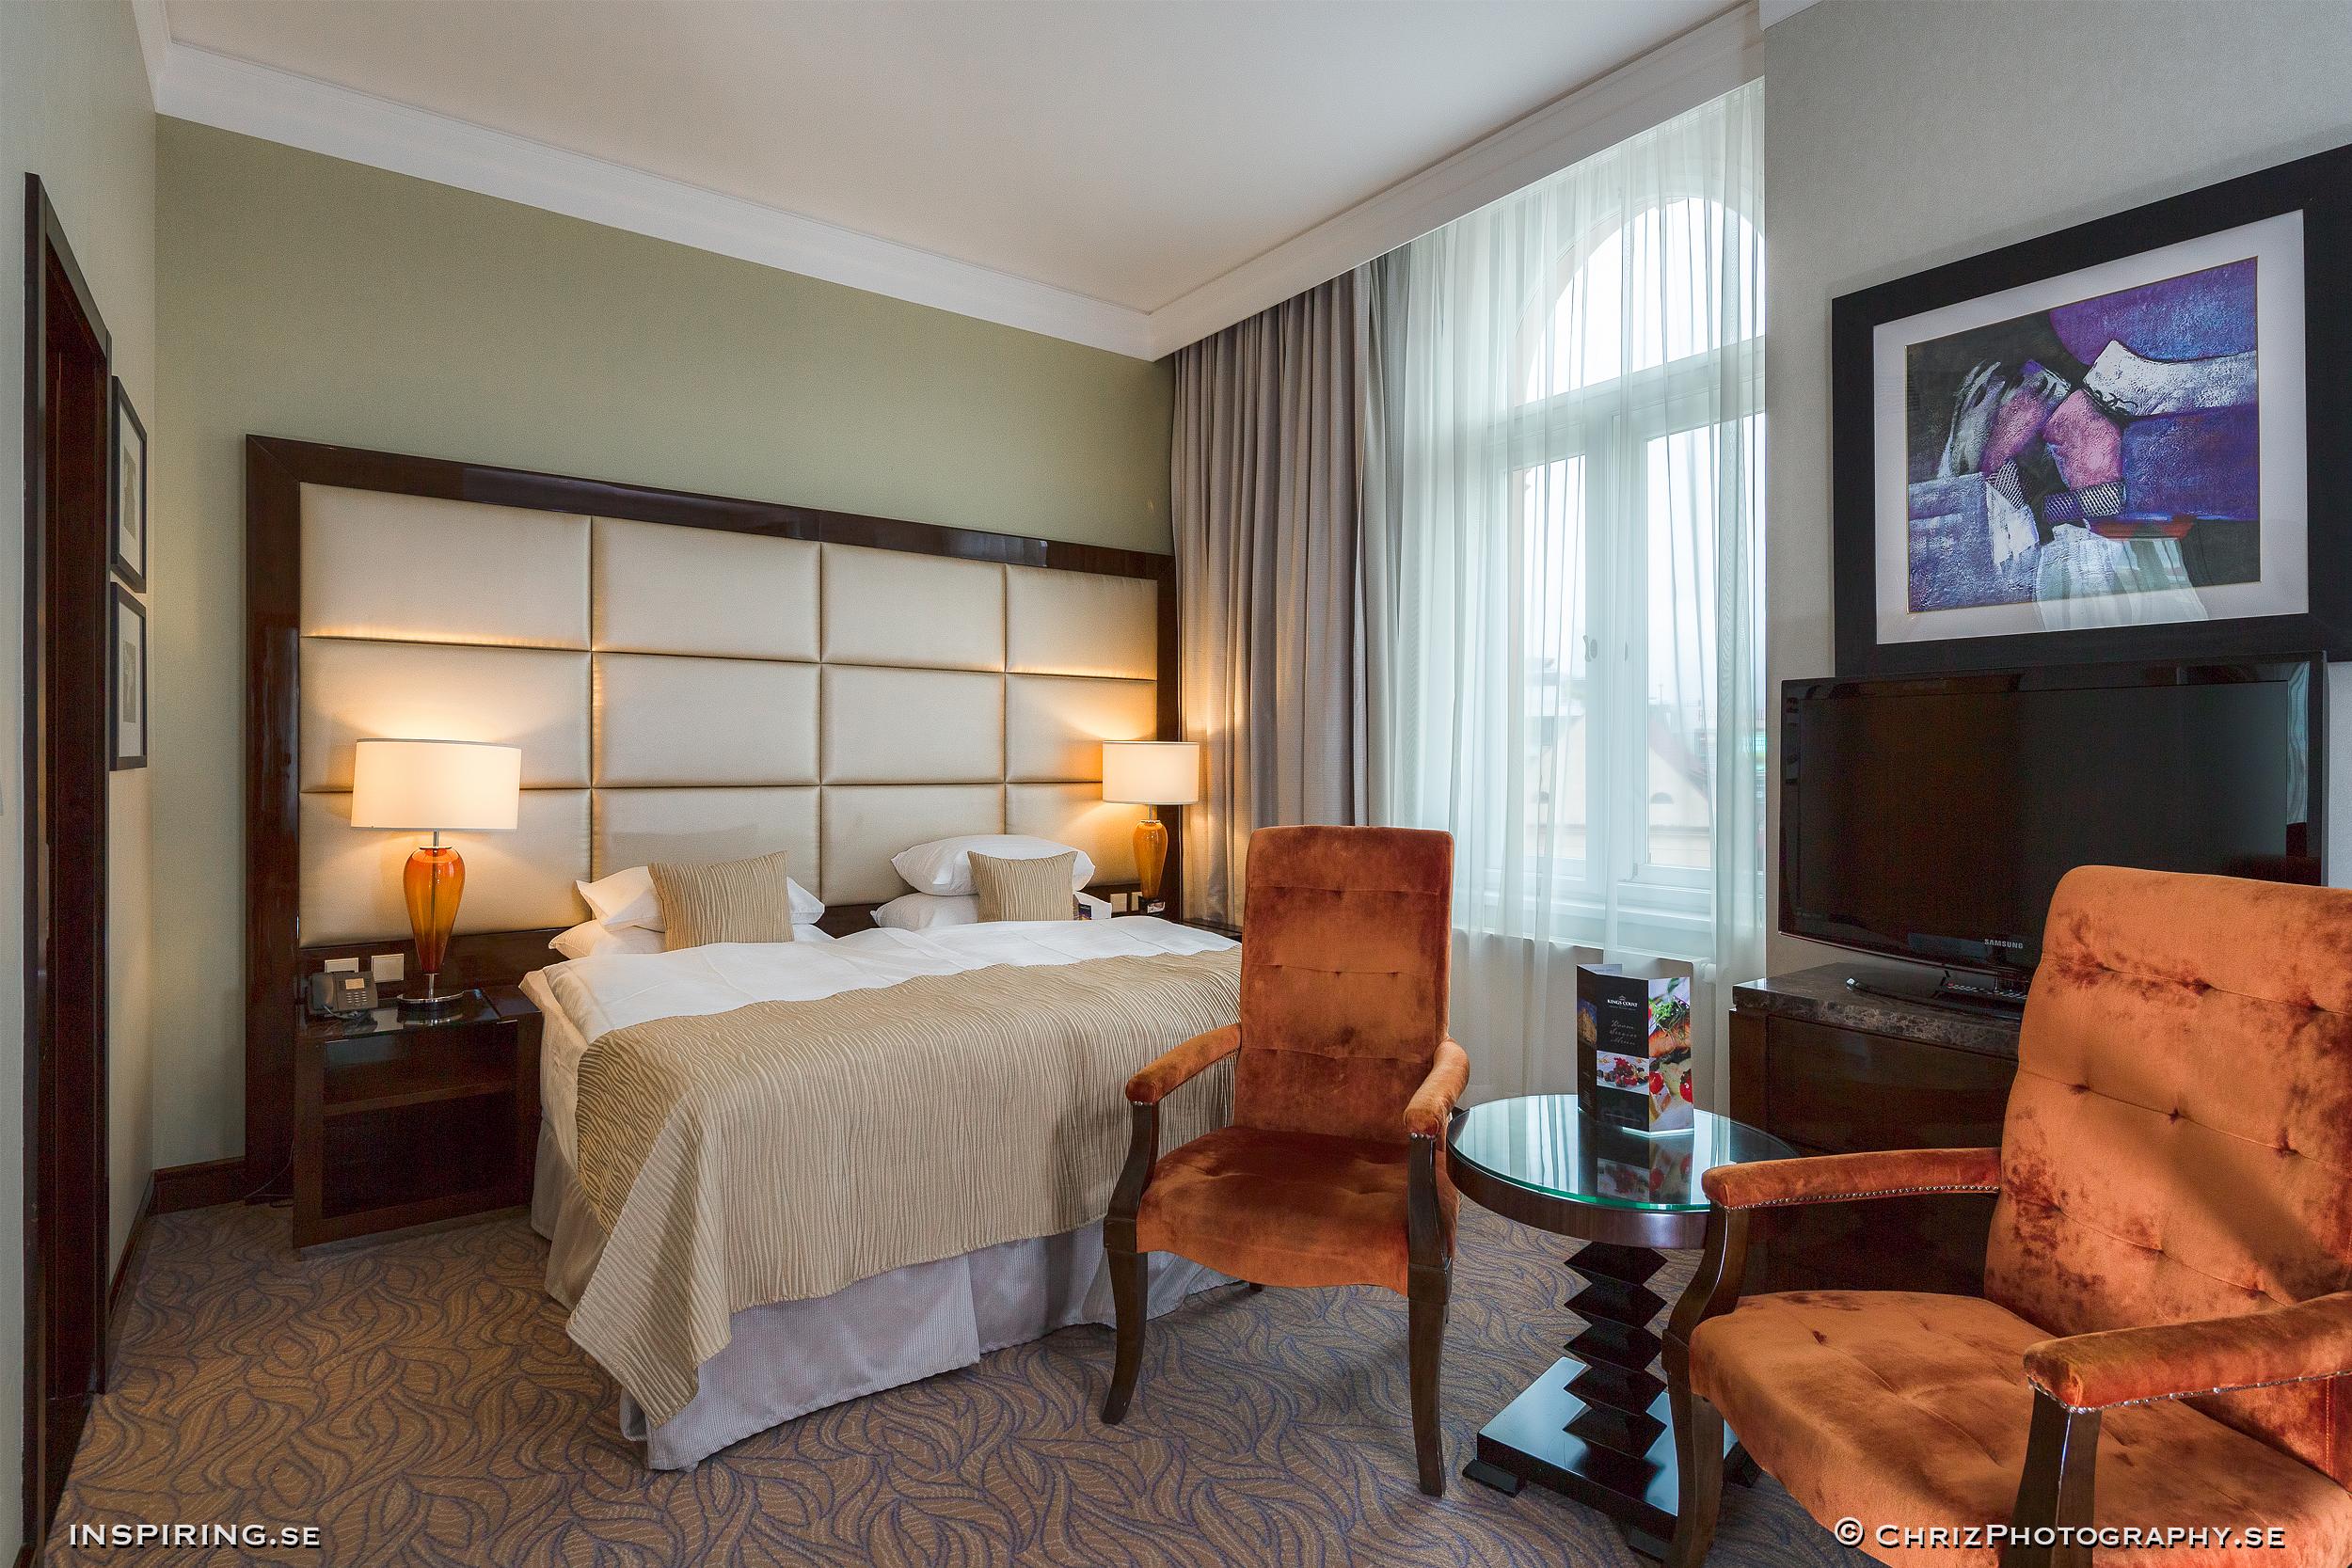 HotelKingsCourt_Inspiring.se_copyright_ChrizPhotography.se_9.jpg